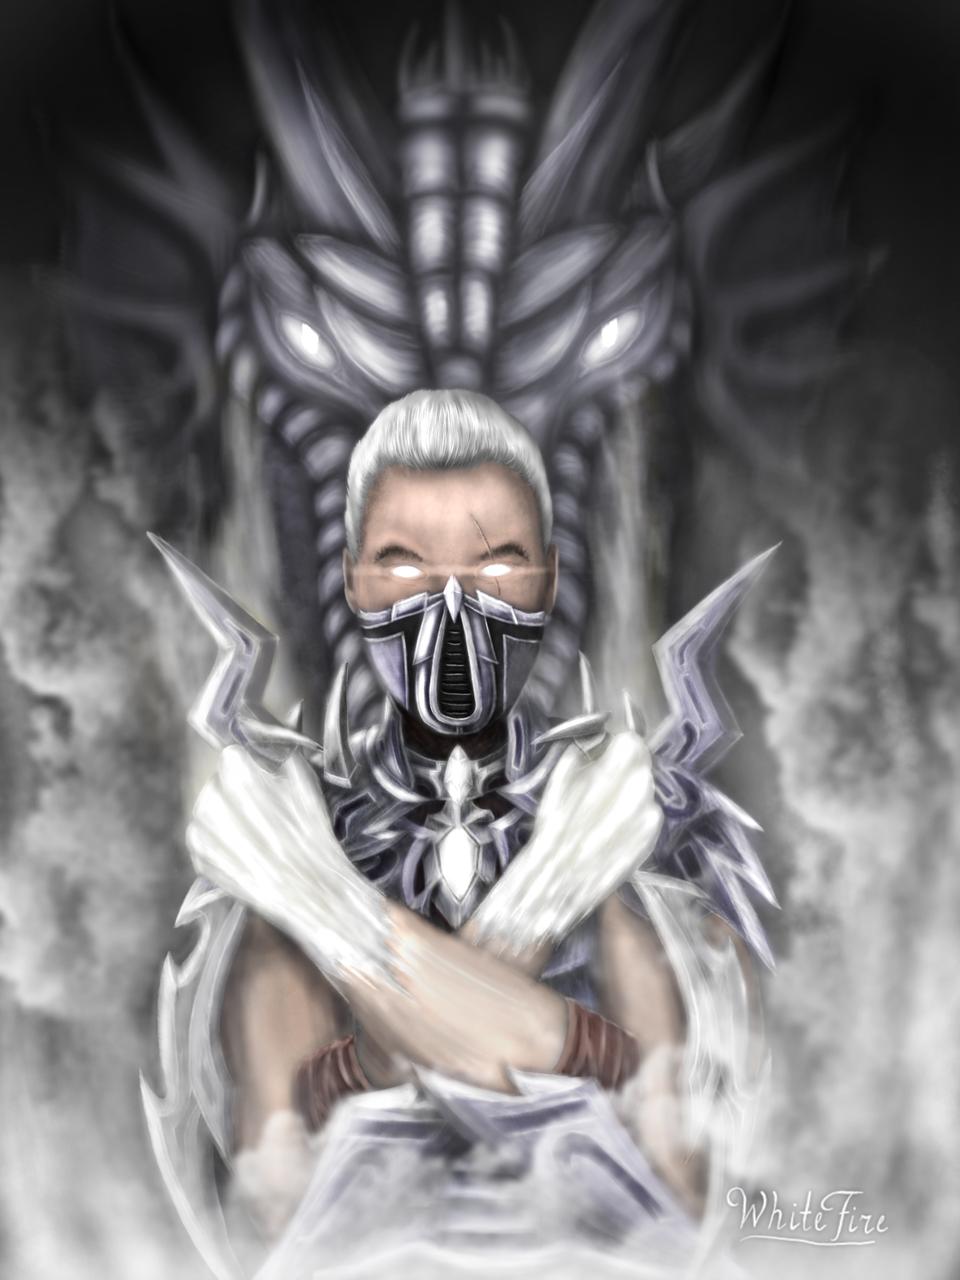 Assassin of white fire (oc)